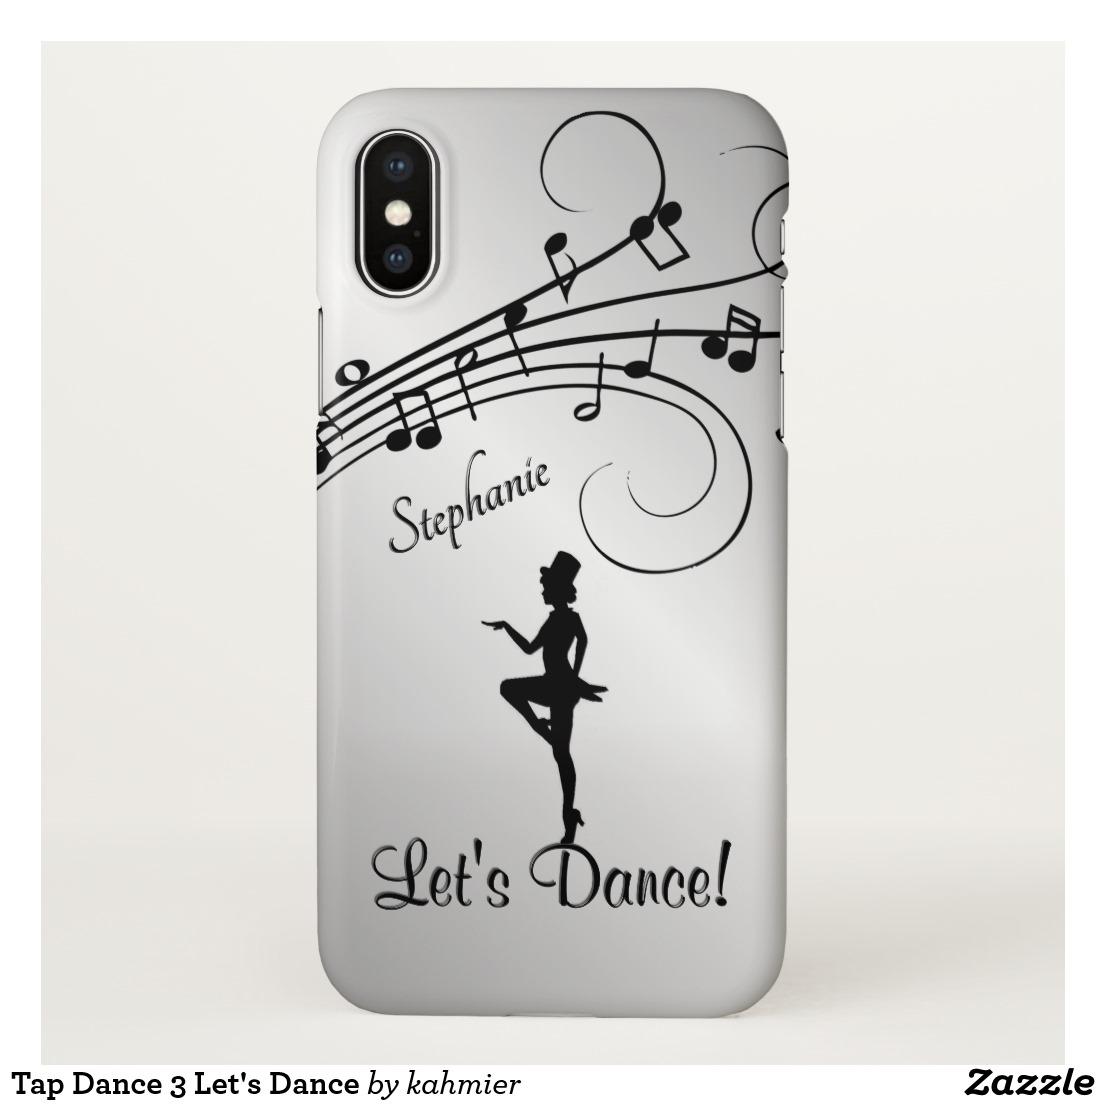 Tap Dance 3 Let's Dance iPhone X Case